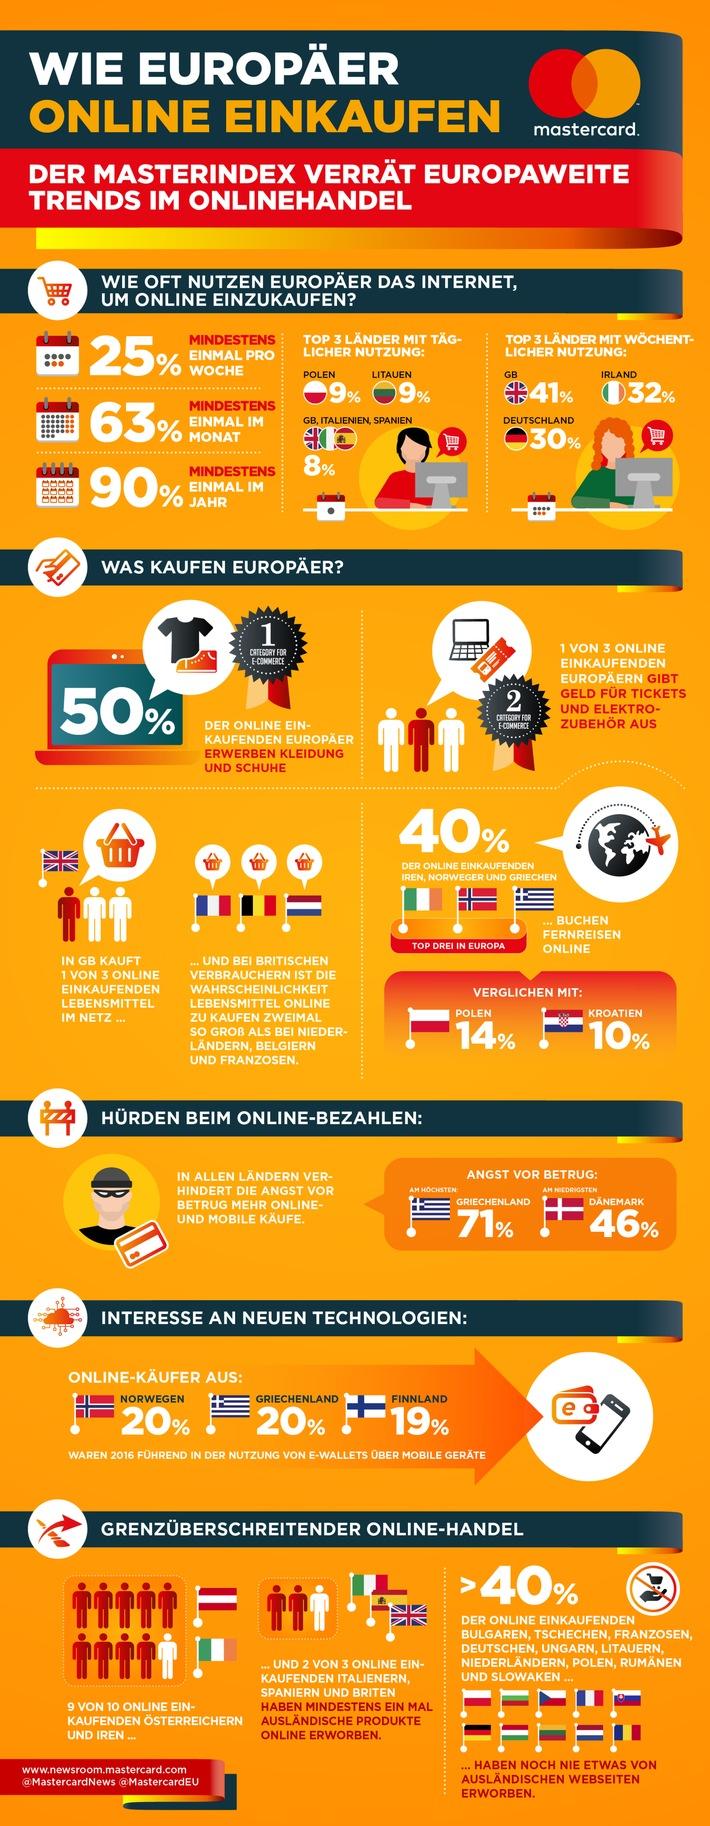 Erster Masterindex von Mastercard: Jeder vierte Internetnutzer in Europa kauft jede Woche online ein